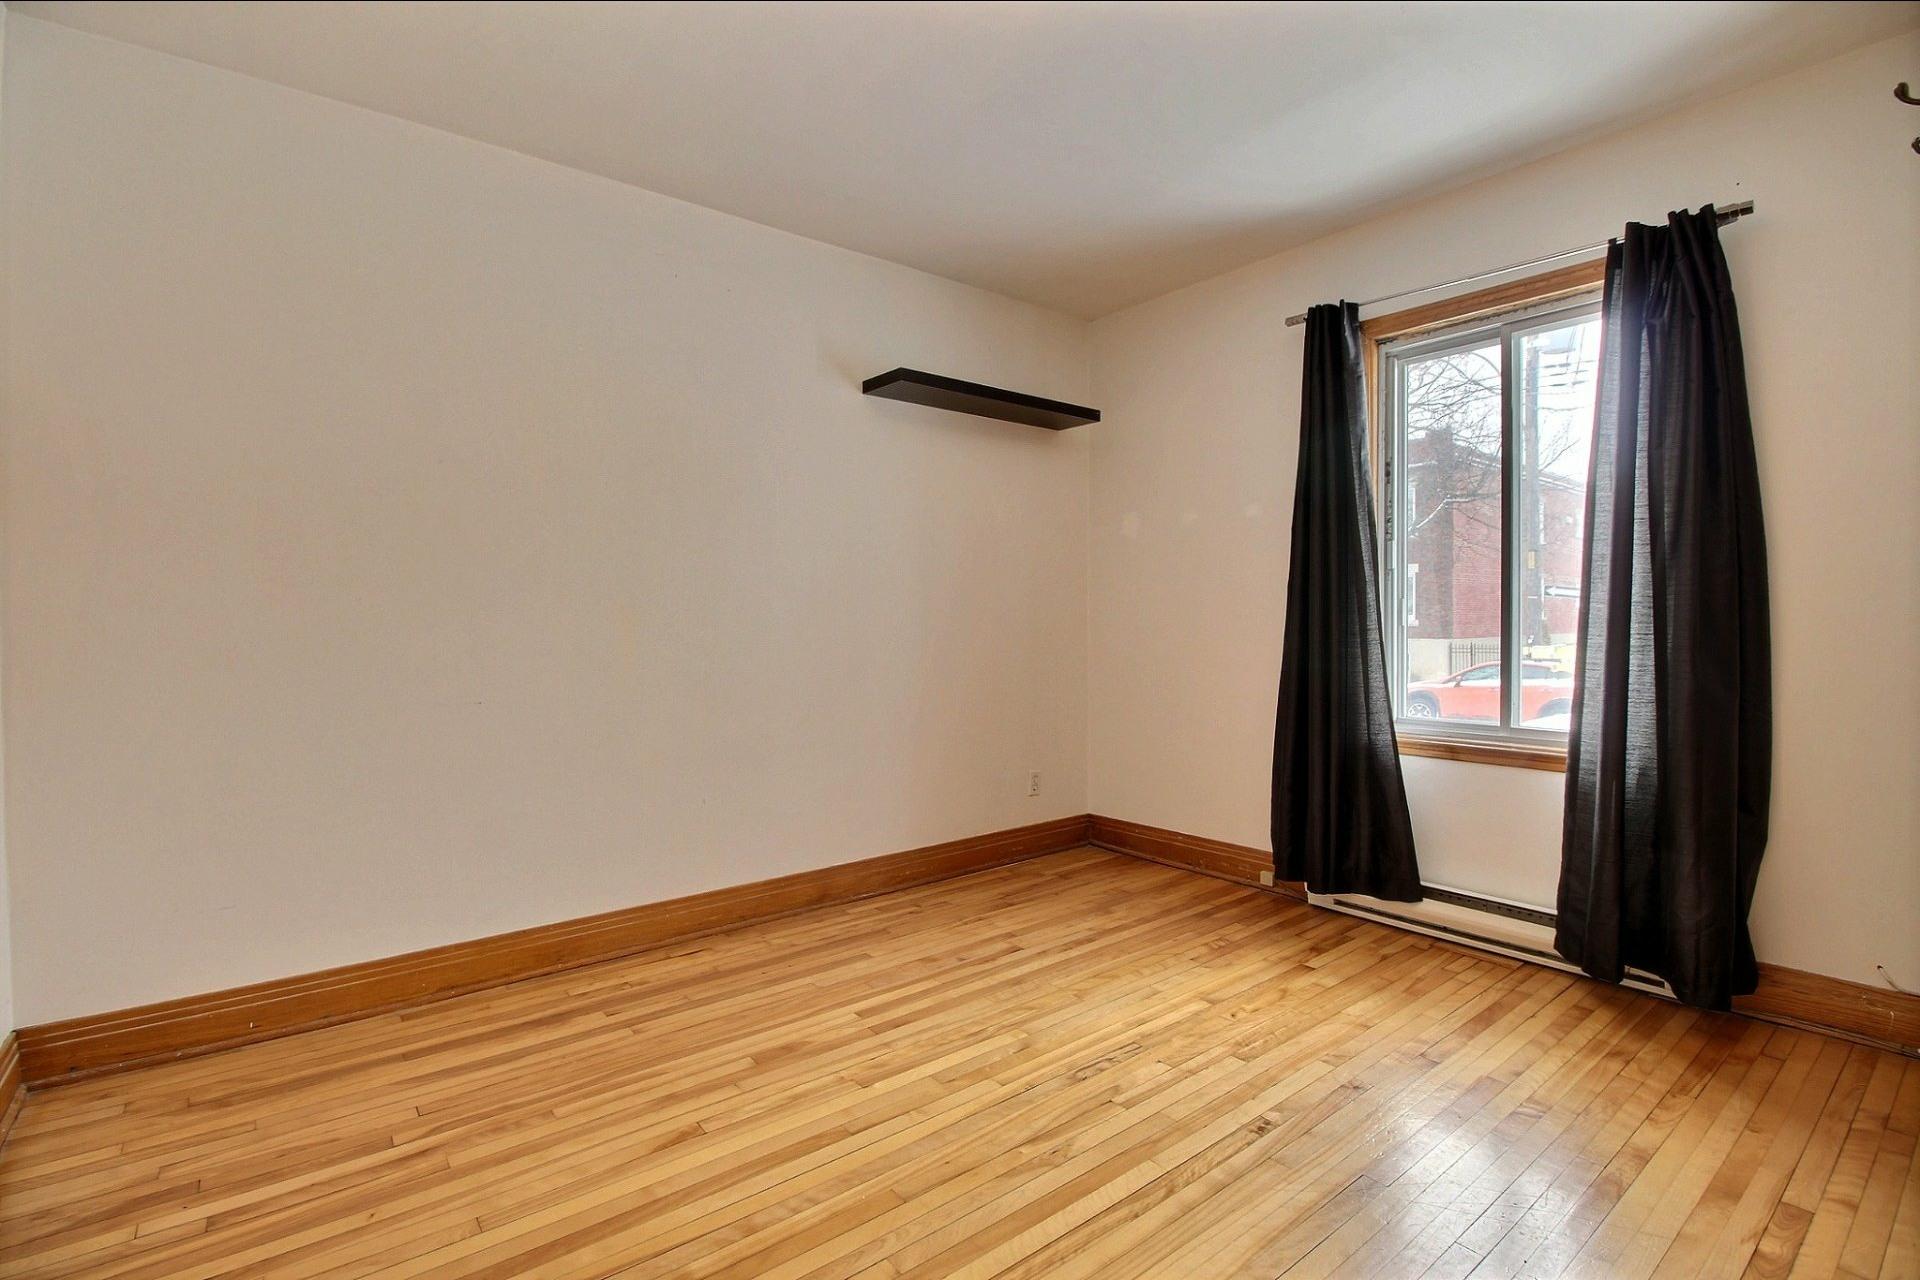 image 9 - Appartement À louer Ahuntsic-Cartierville Montréal  - 7 pièces